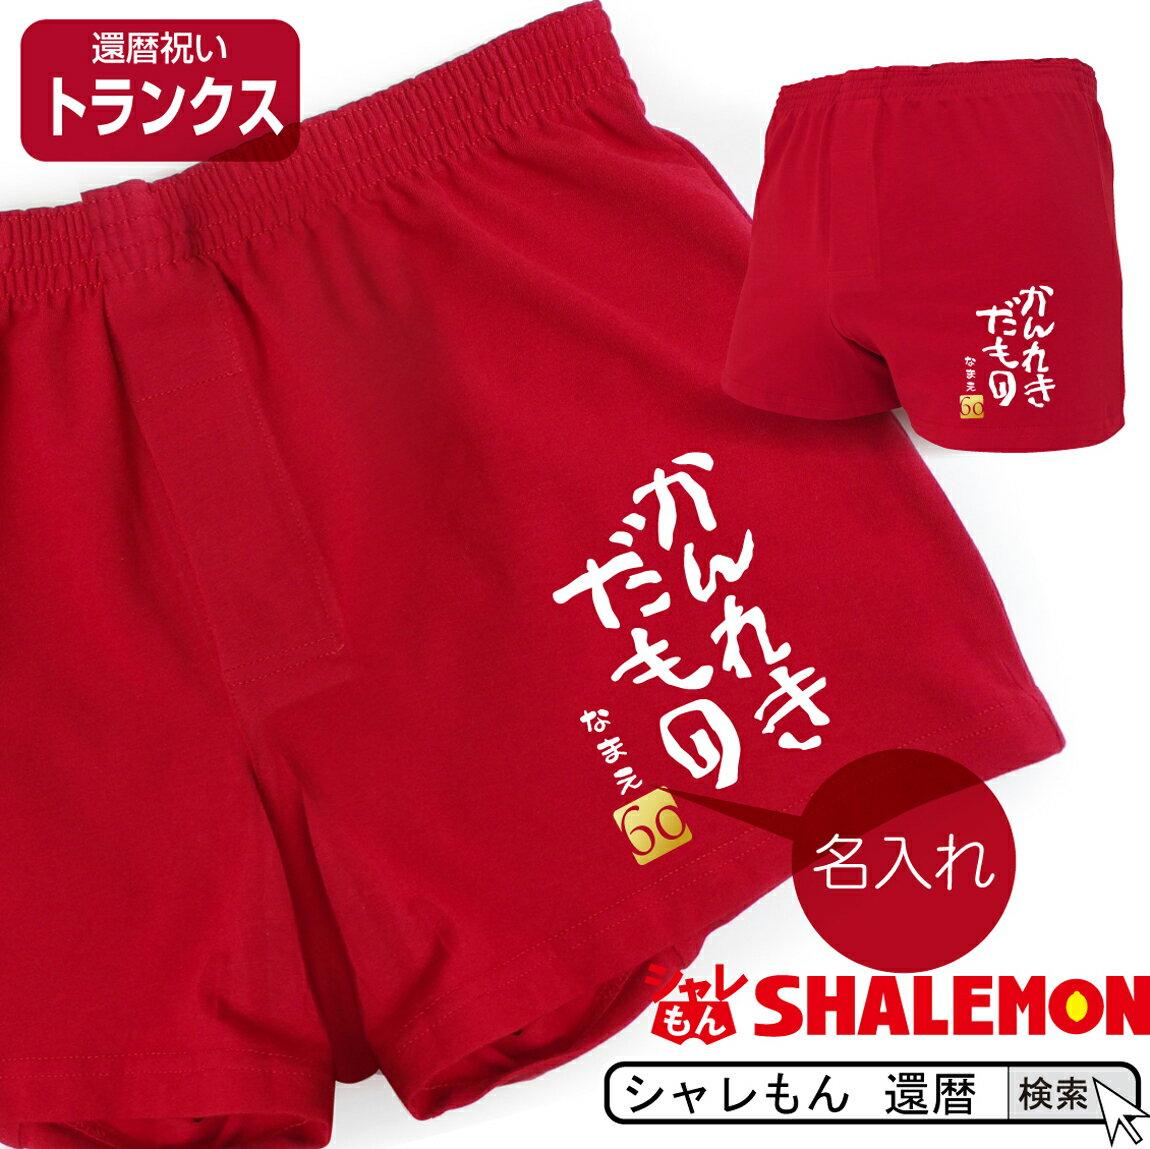 還暦祝い 父 男性 還暦 パンツ 赤い トランクス 下着 肌着 【かんれきだもの】プレゼント ちゃんちゃんこ の代わり 02P02Sep17